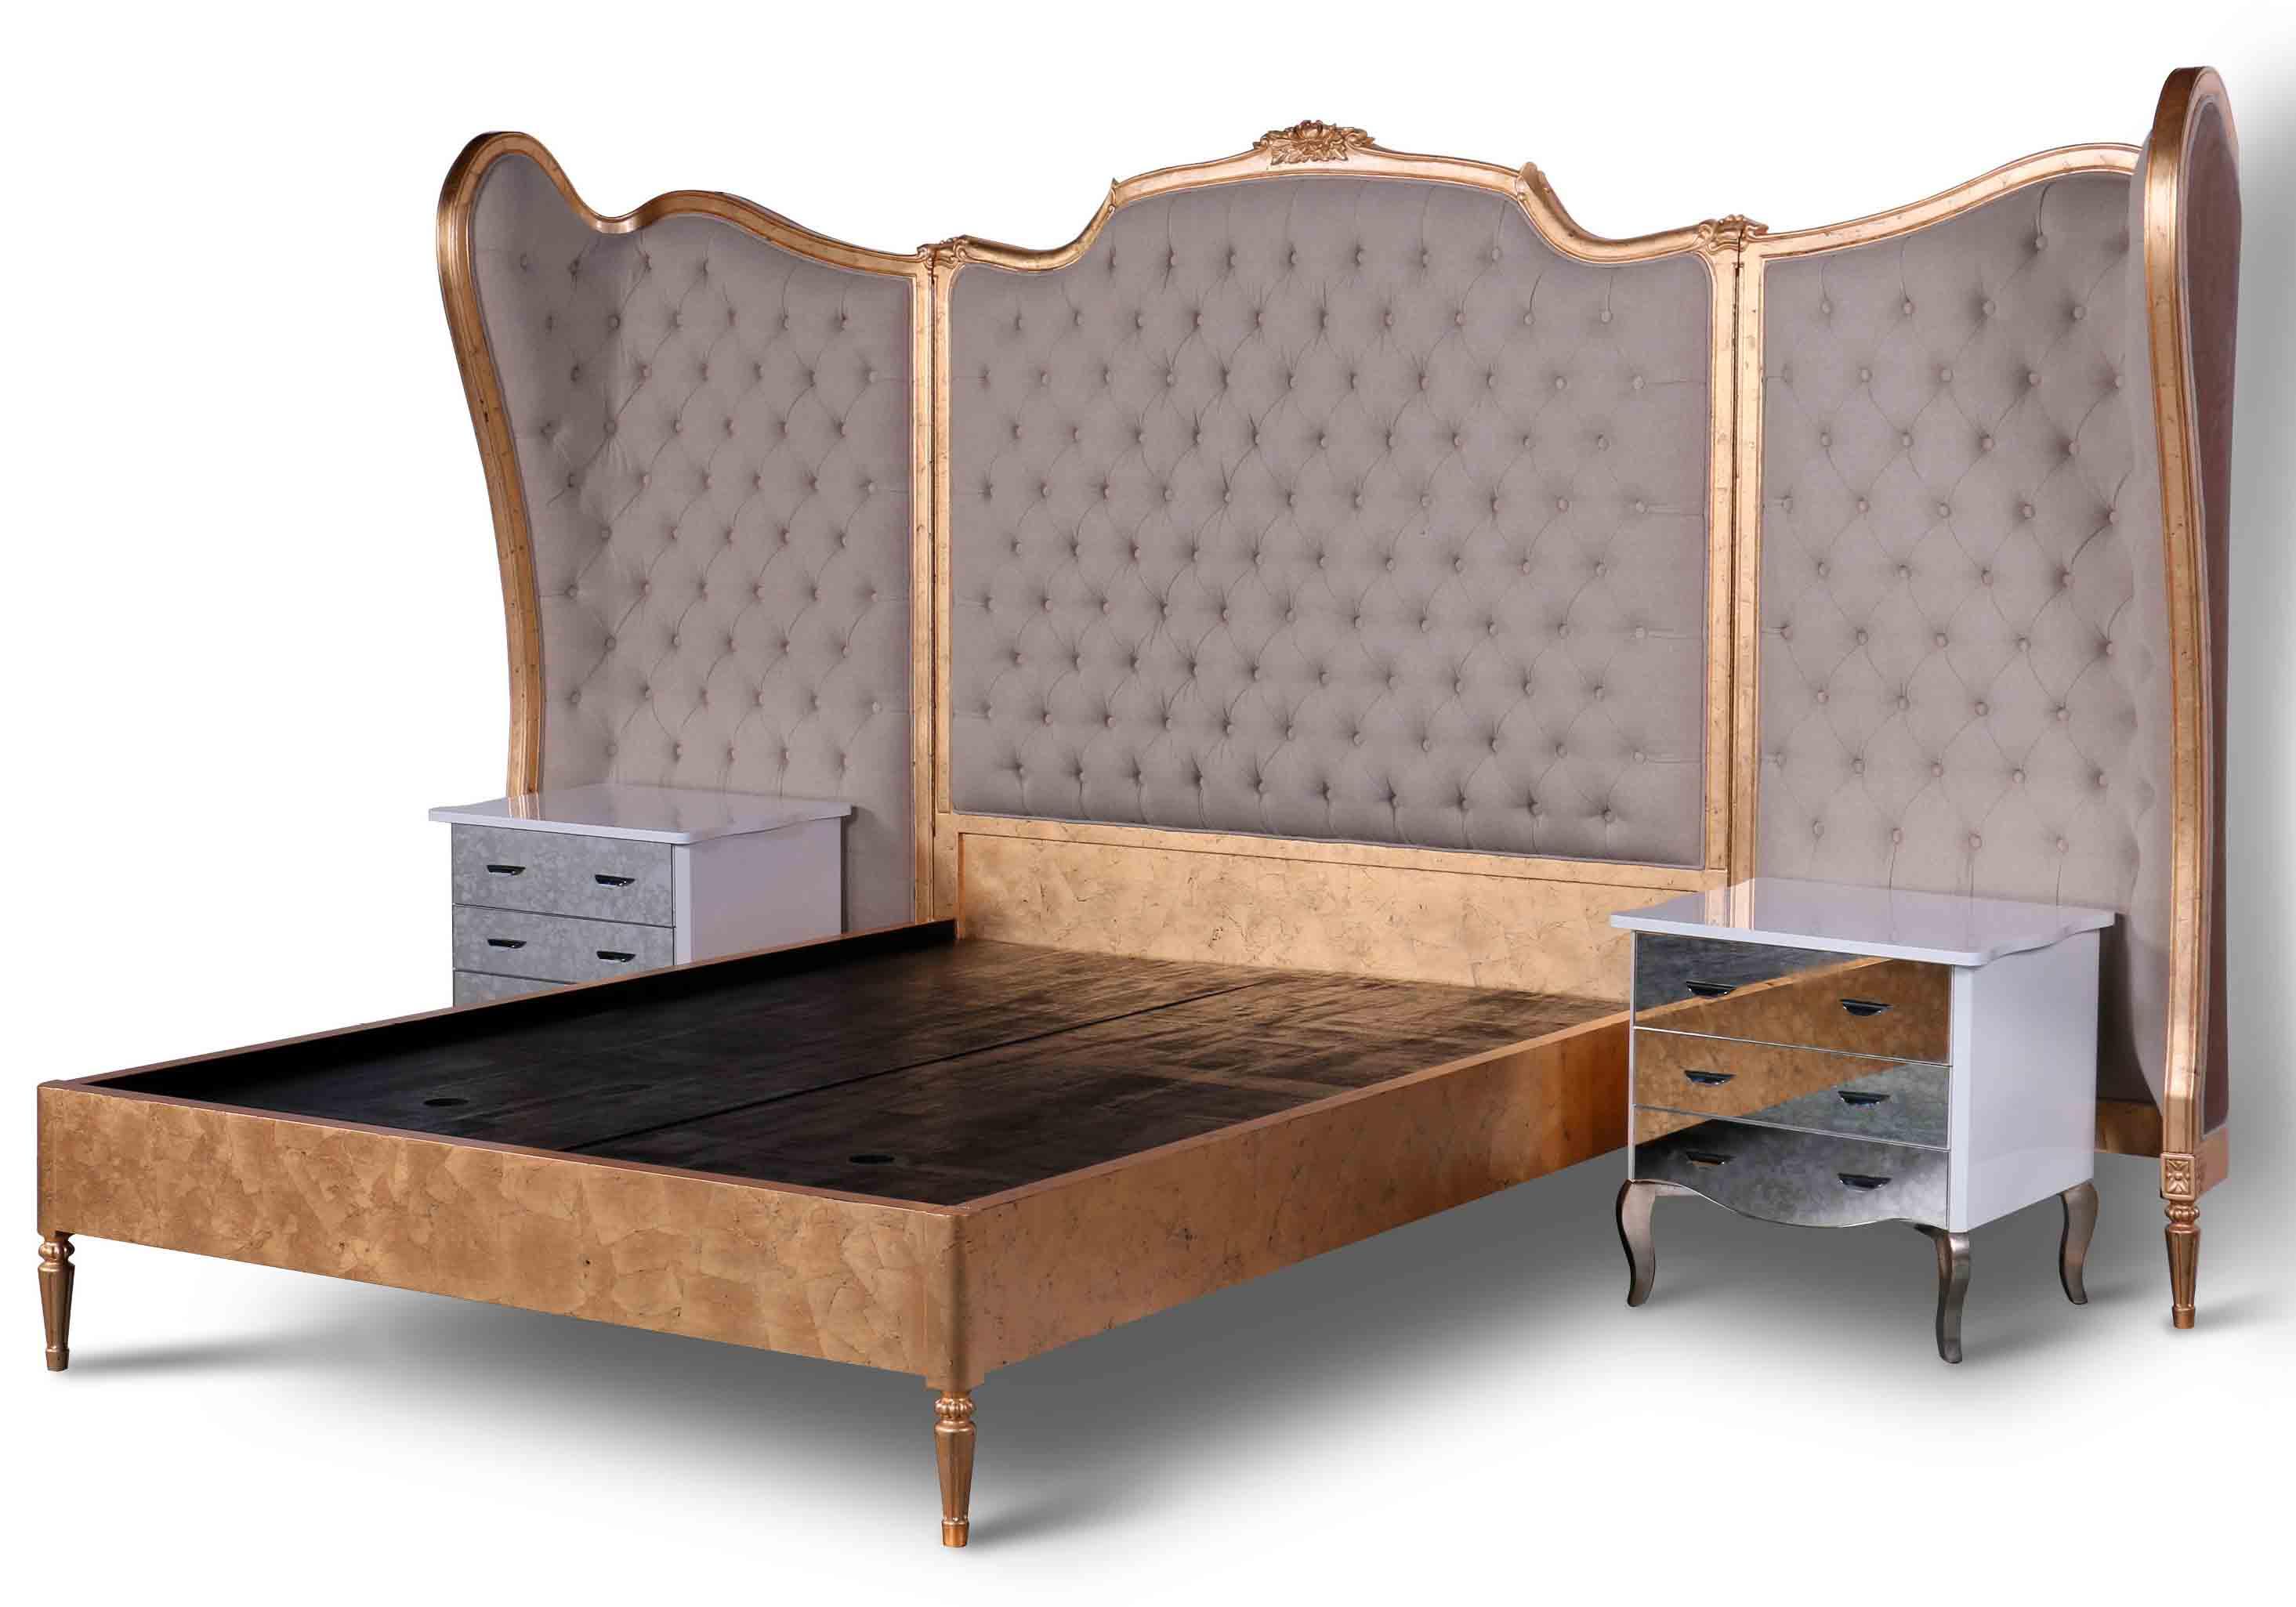 HEABOARD BED FRAME BD-BD02